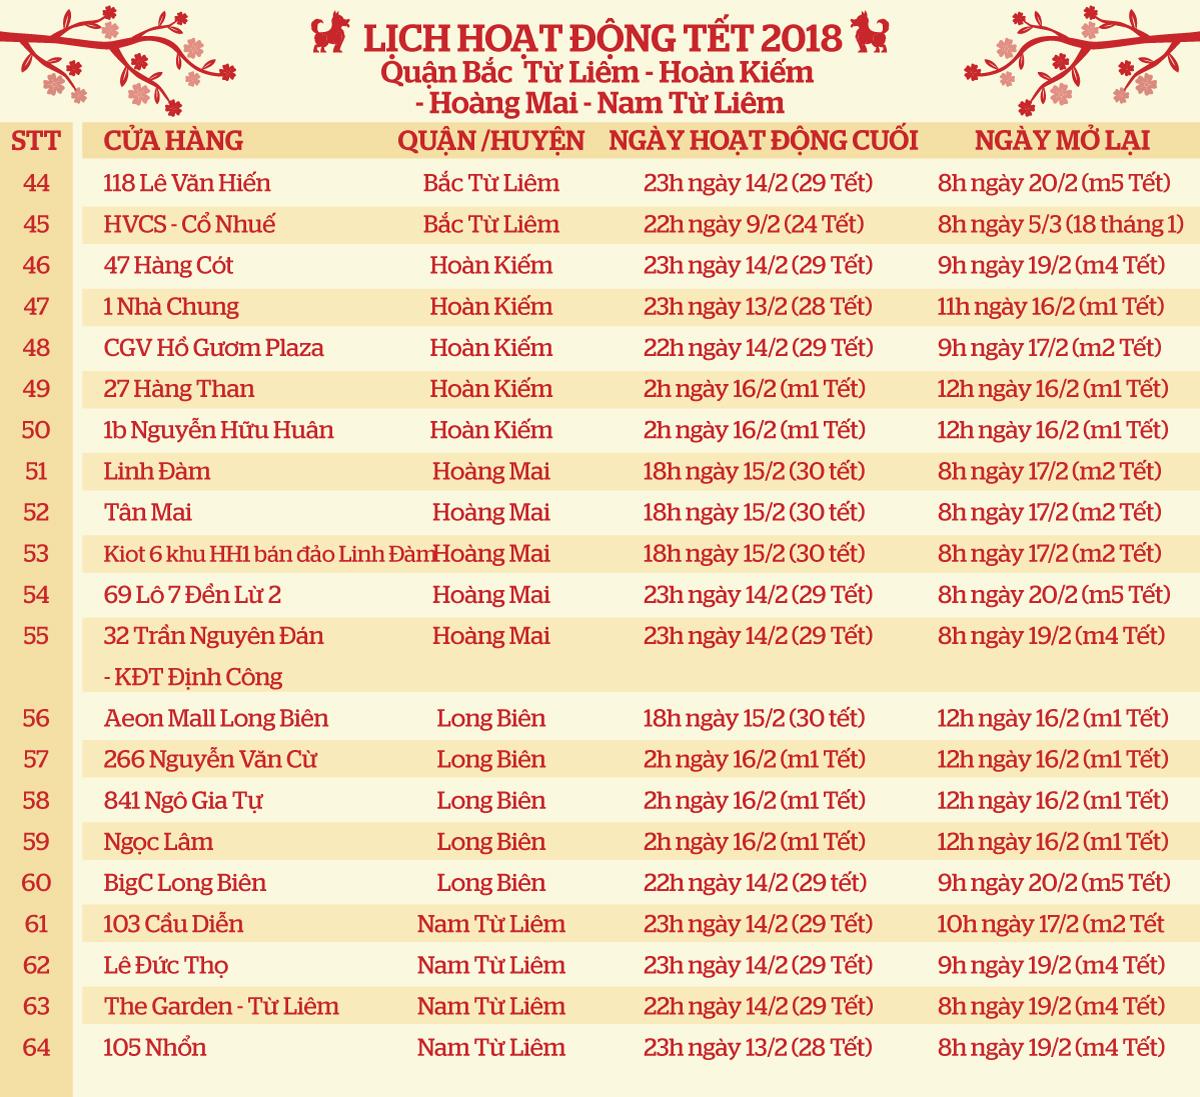 Thông báo giờ mở cửa tết 2018 Dingtea Hà Nội